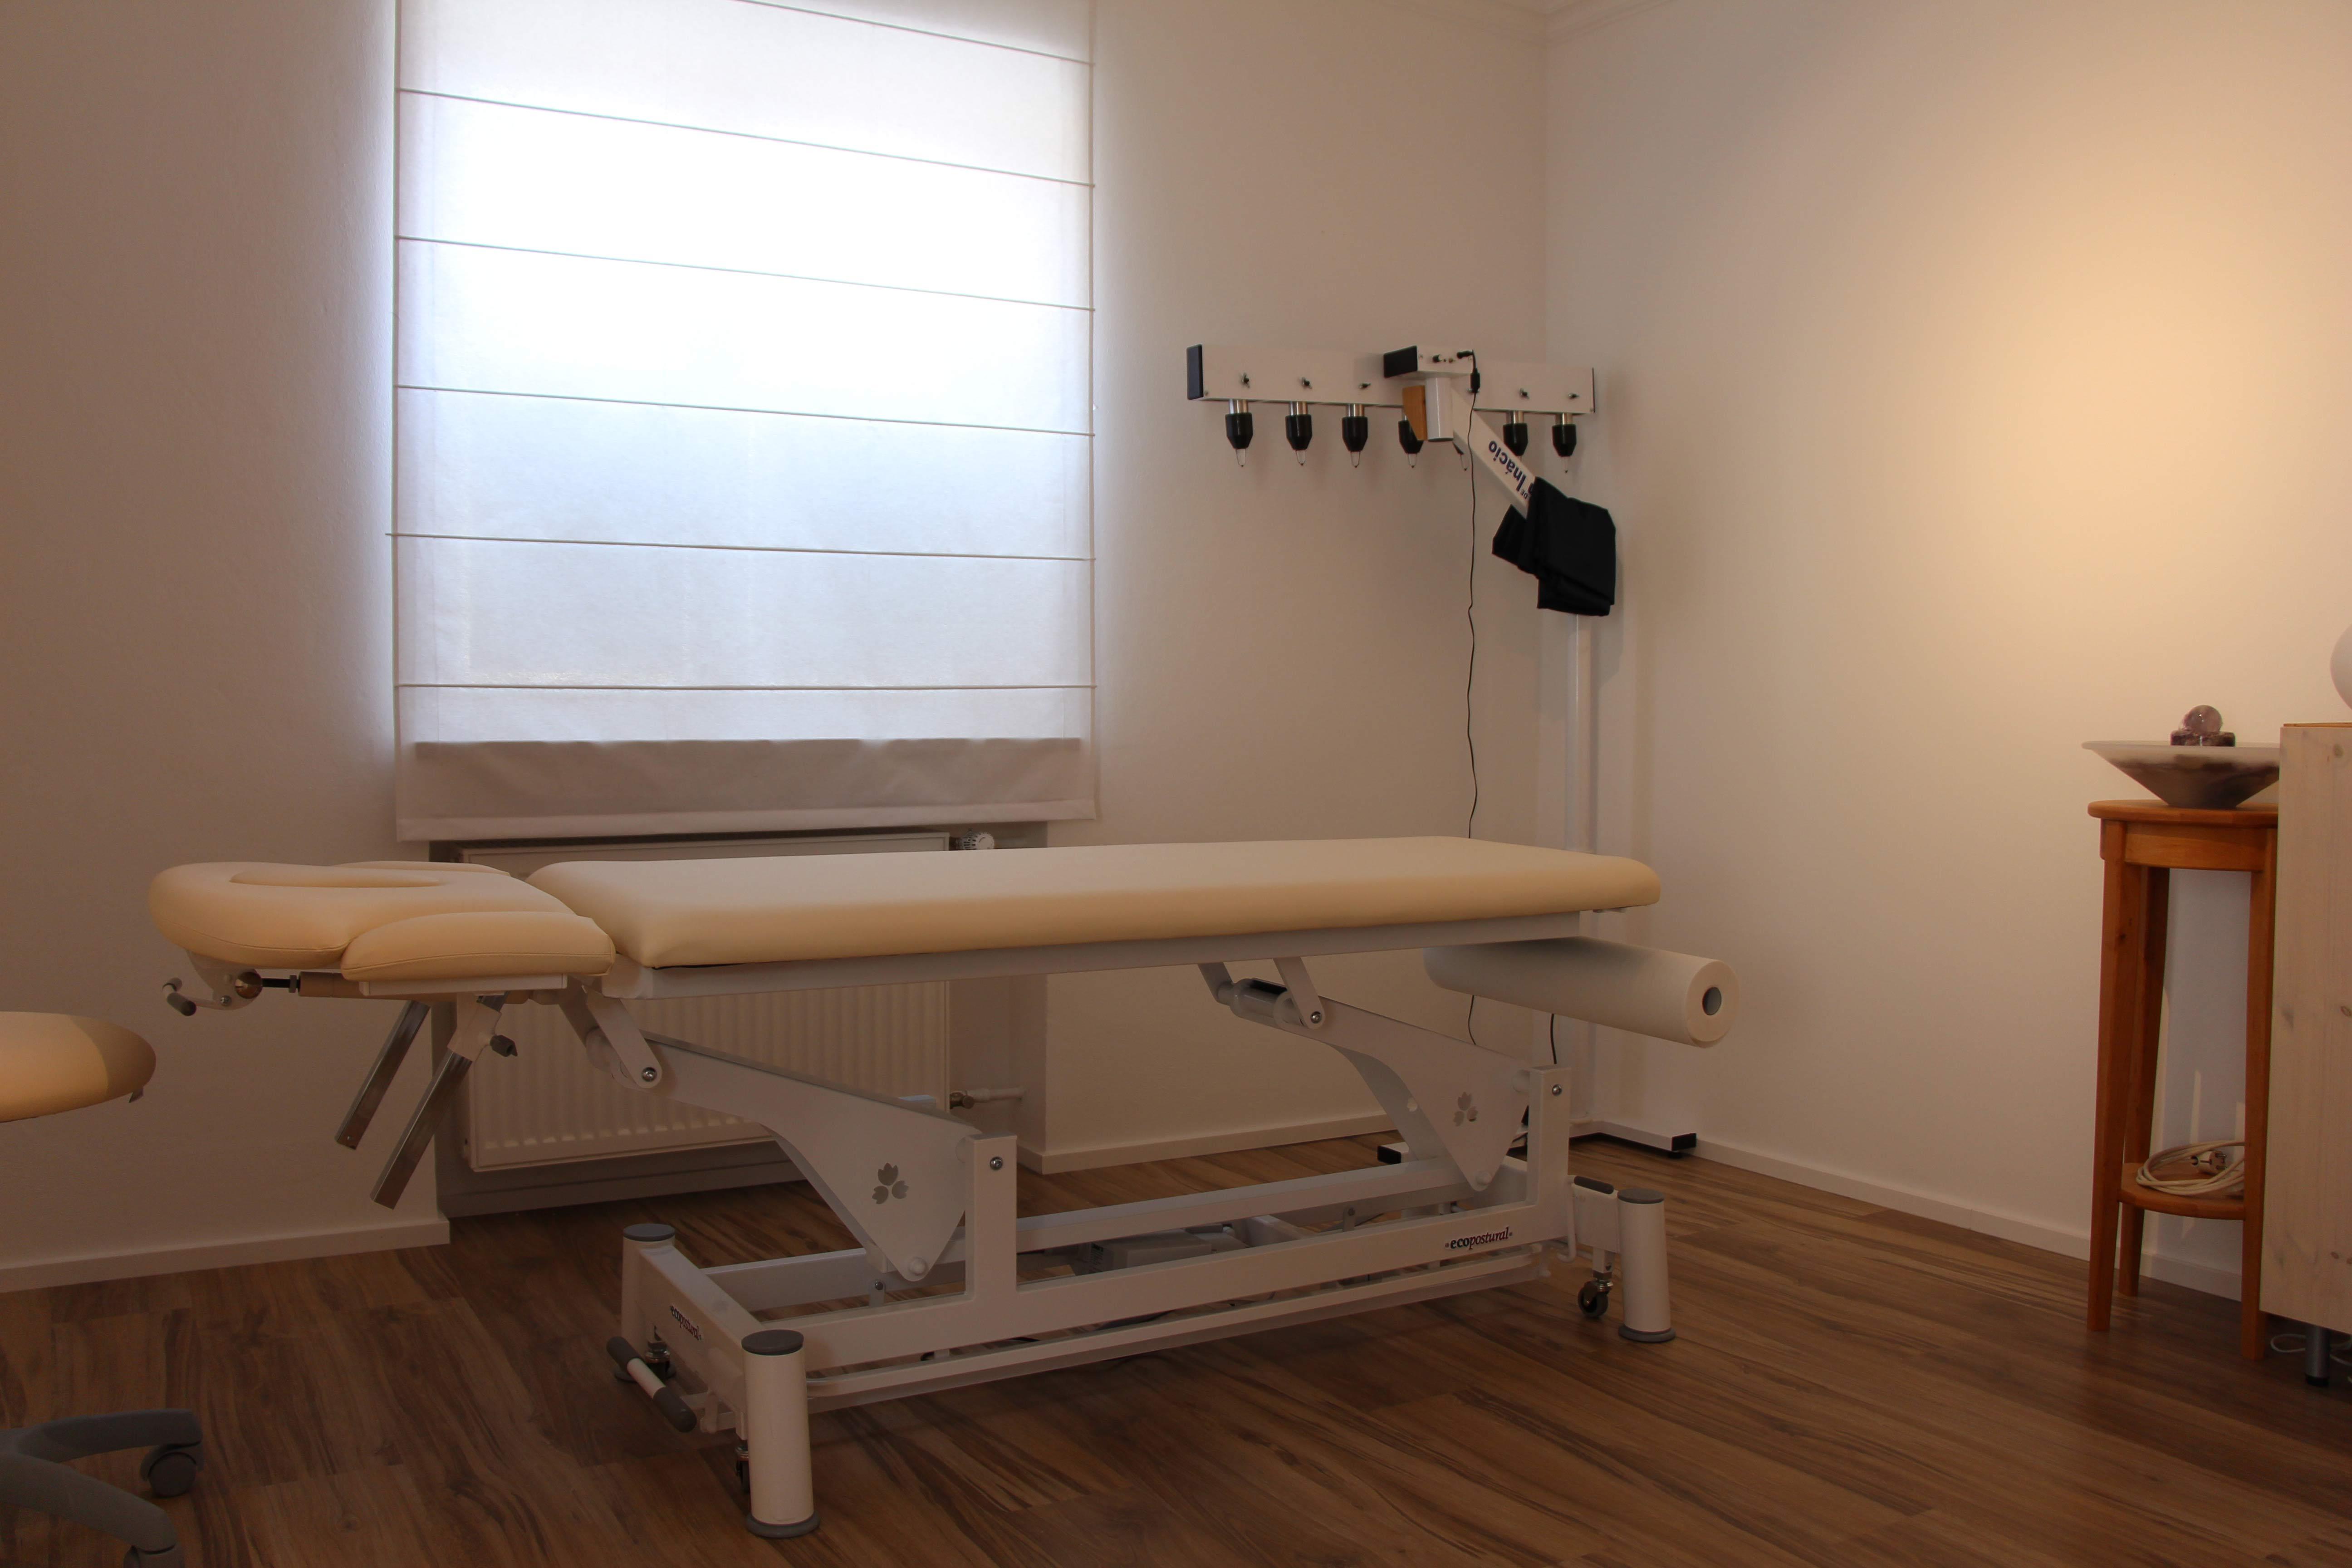 Bild des Behandlungsraumes der Praxis für Naturheilkunde der Heilpraktikerin Diane Zardini in Garmisch-Partenkirchen.